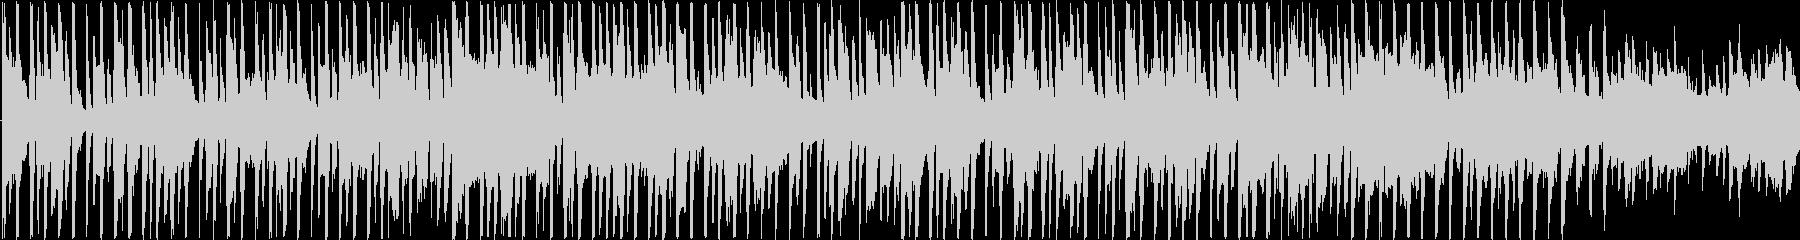 おしゃれな女性ボーカル 洋楽(ループA)の未再生の波形